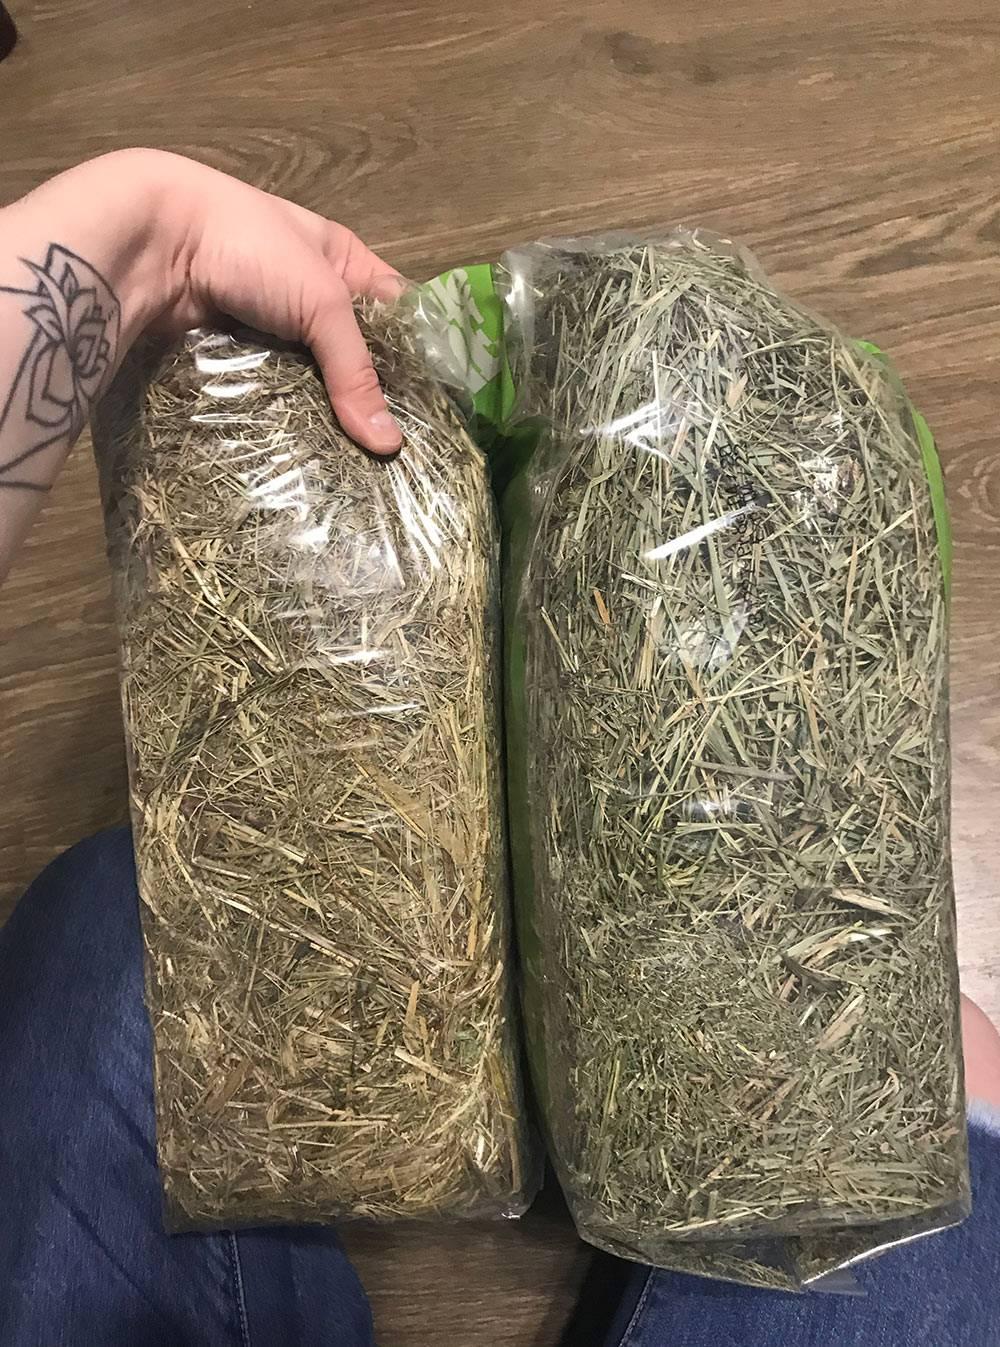 Вот две разные упаковки сена. Слева — «Виталайн», справа — «Литл Ван». «Виталайн» моей свинке неподошел. «Литл Ван» неплохой, ночетверть мешка — мелкая сенная труха, она пылит инесъедается